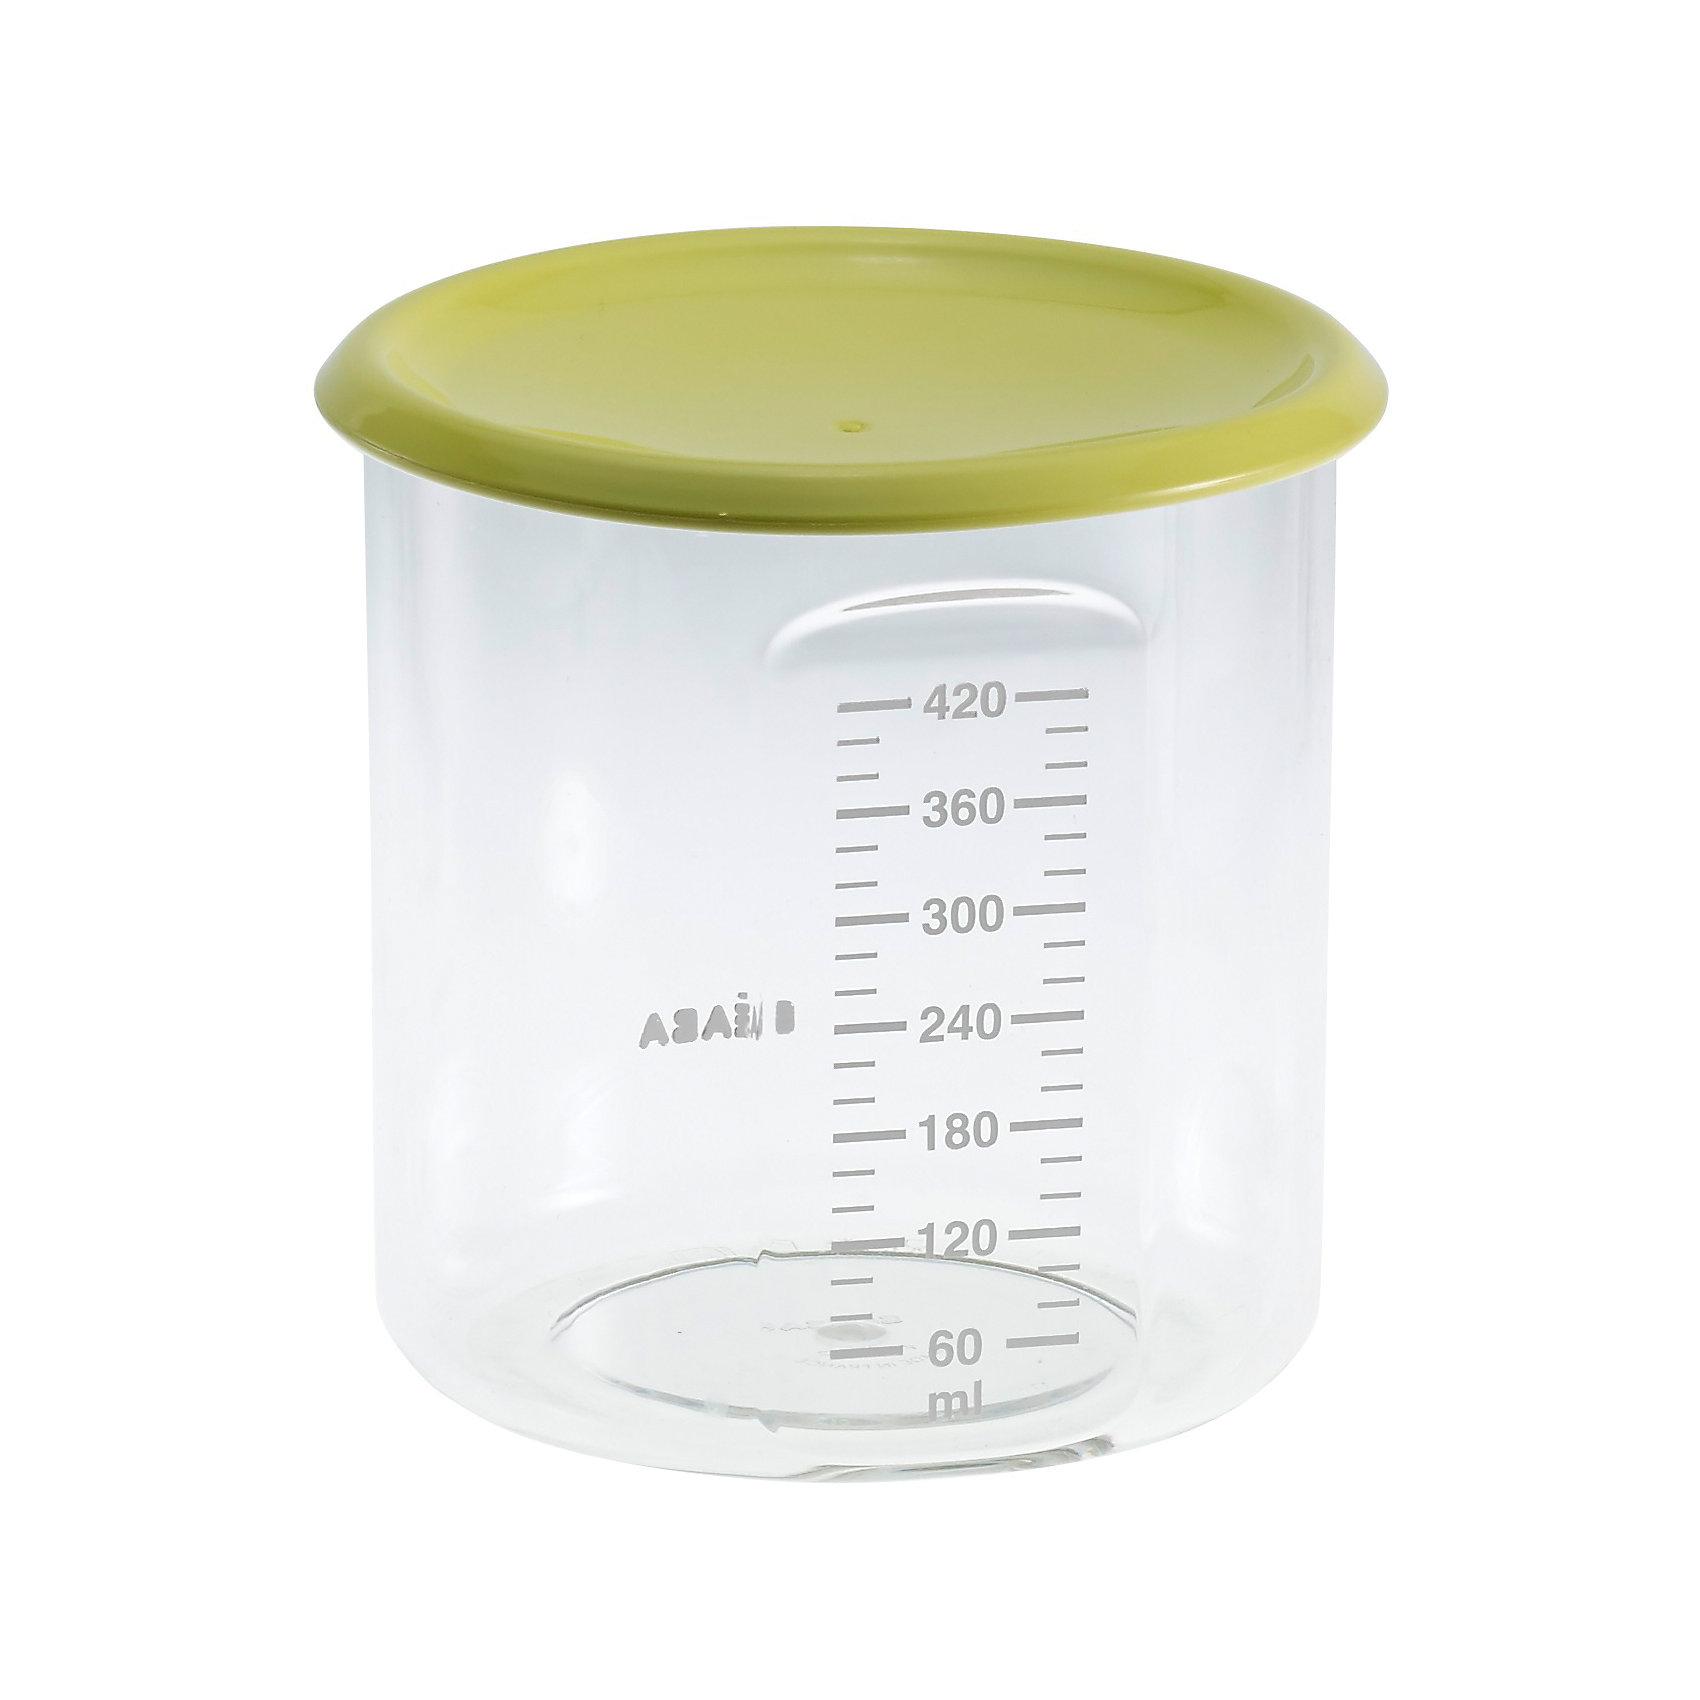 BEABA Контейнер для хранения Maxi+Portion 420мл, Beaba, салатовый